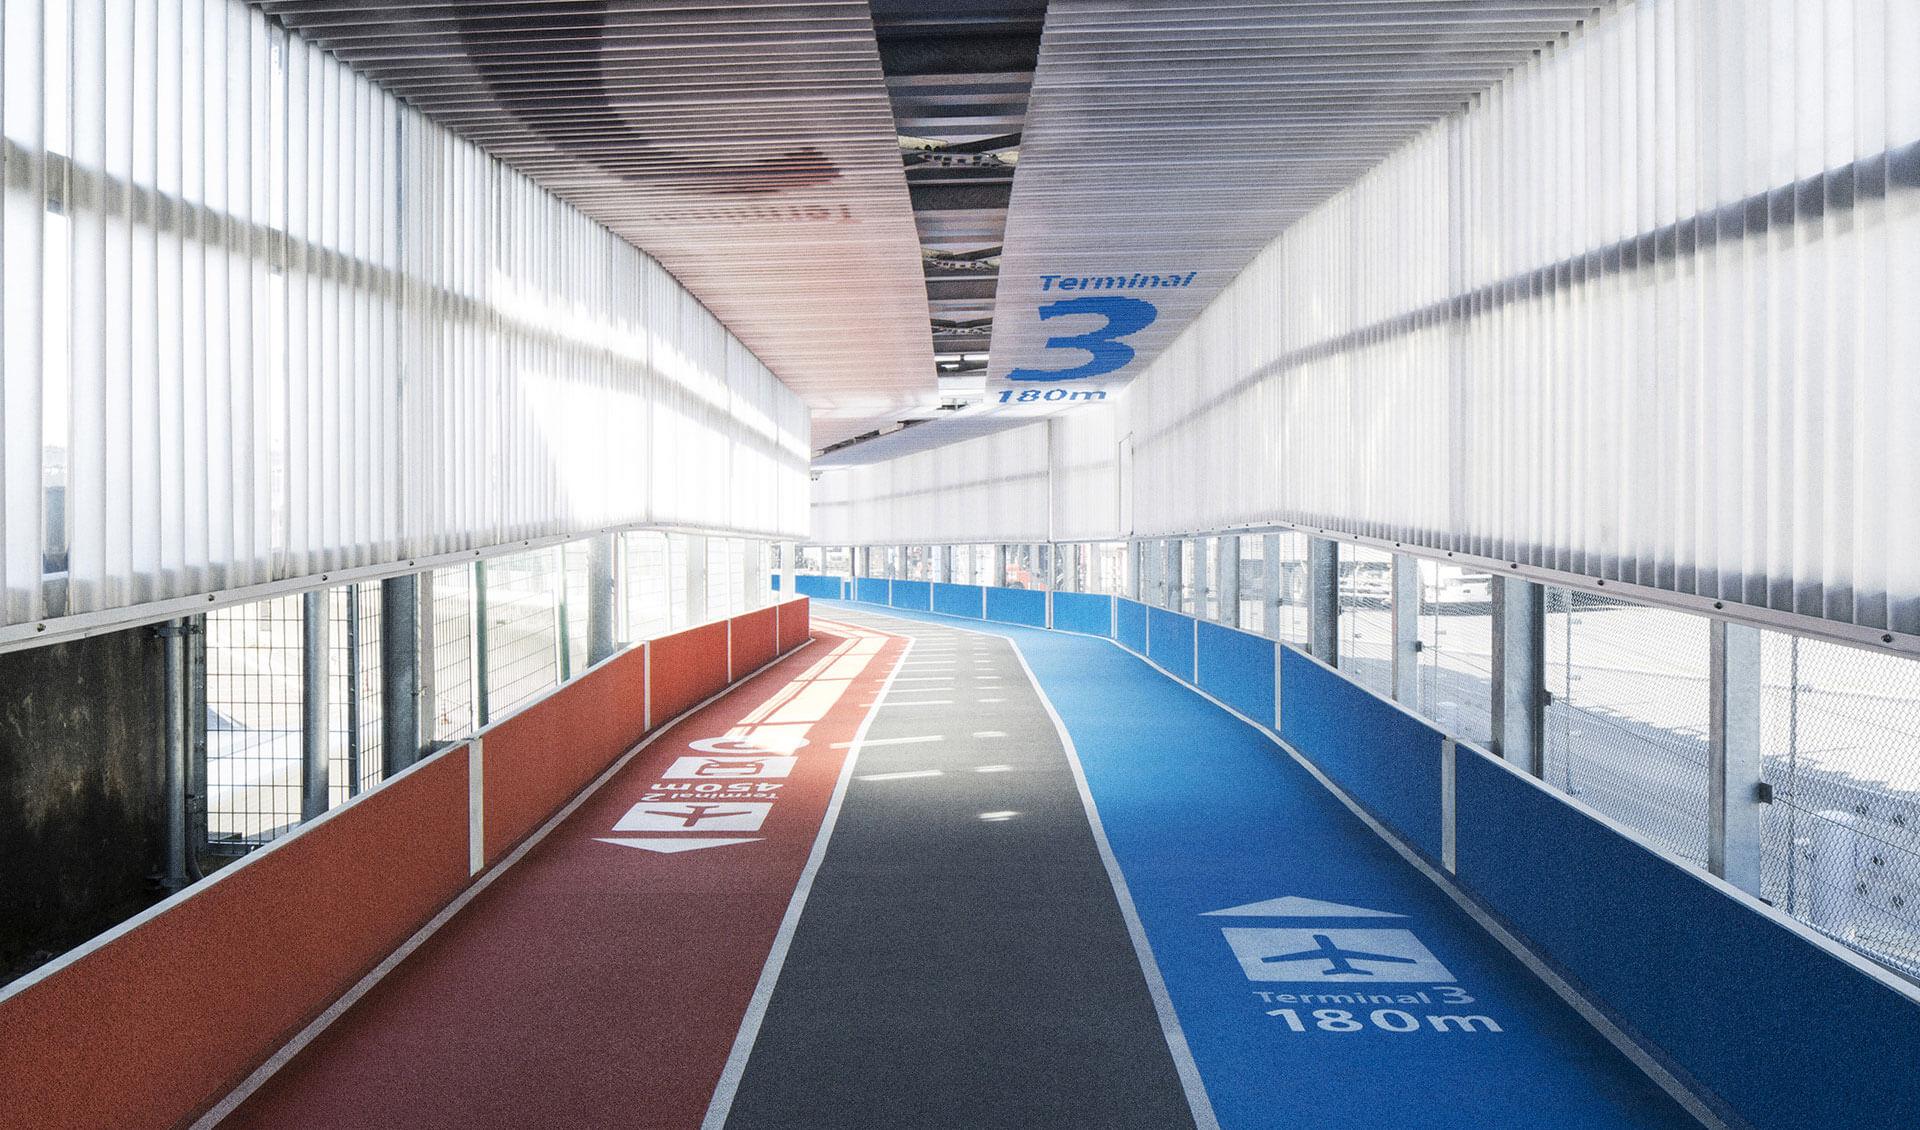 Pistes de course dans les couloirs de l'aéroport de Narita au Japon